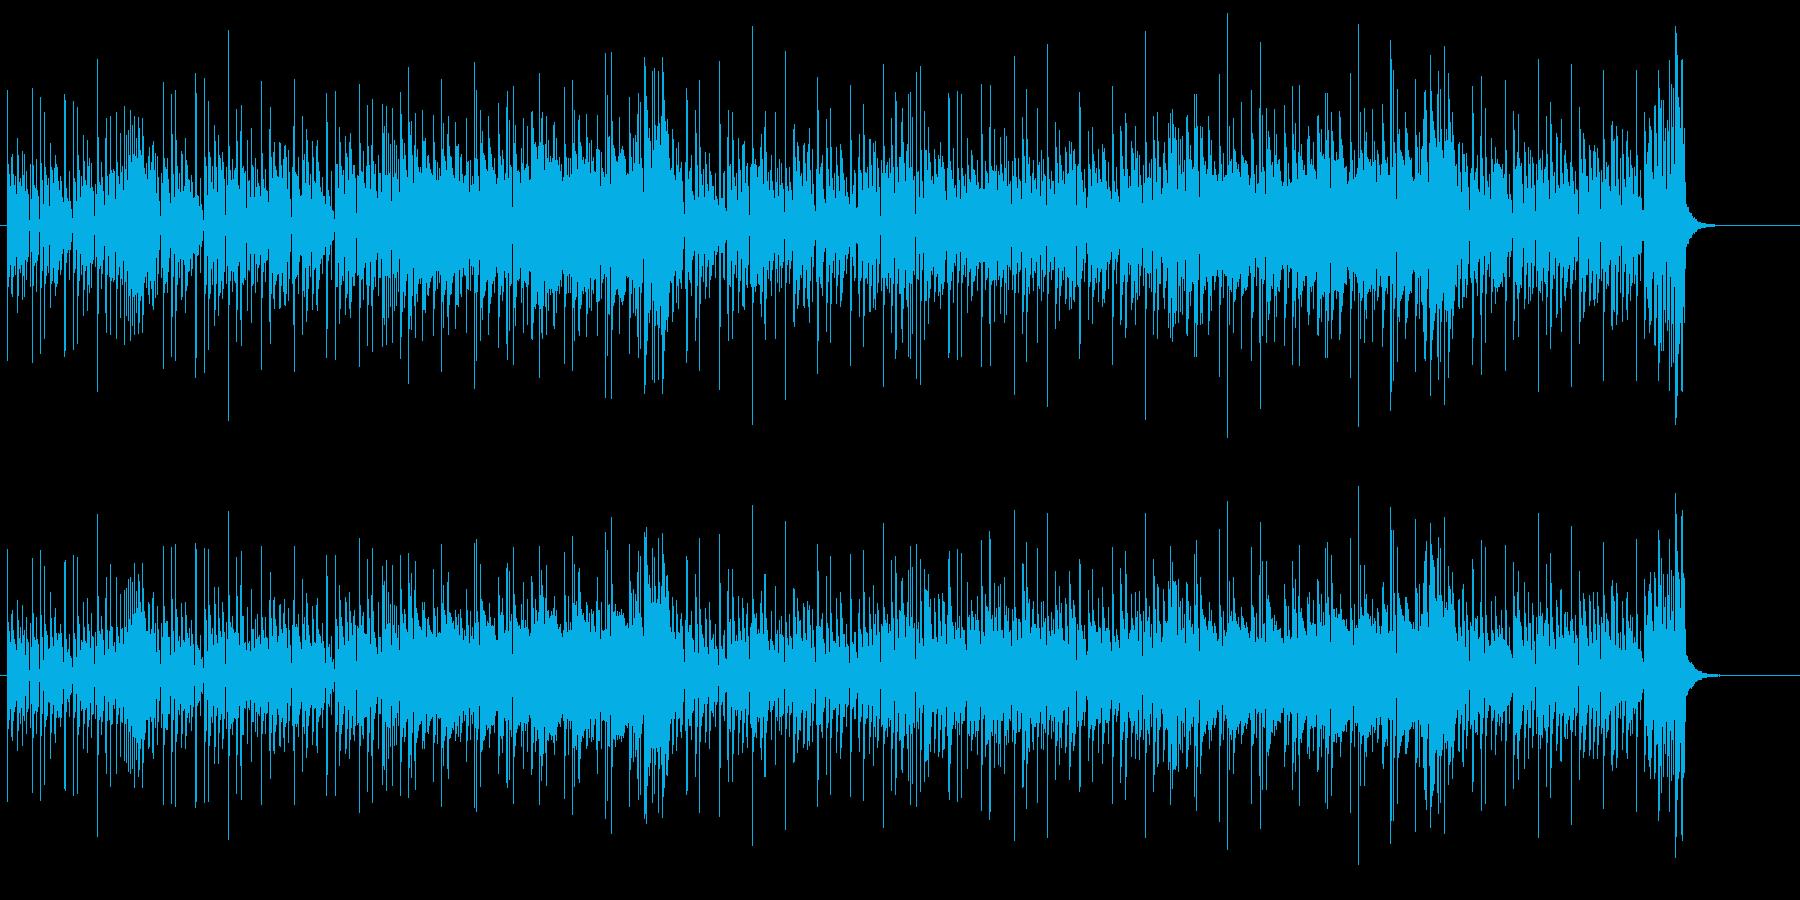 軽快に弾むキャッチーなフュージョンの再生済みの波形